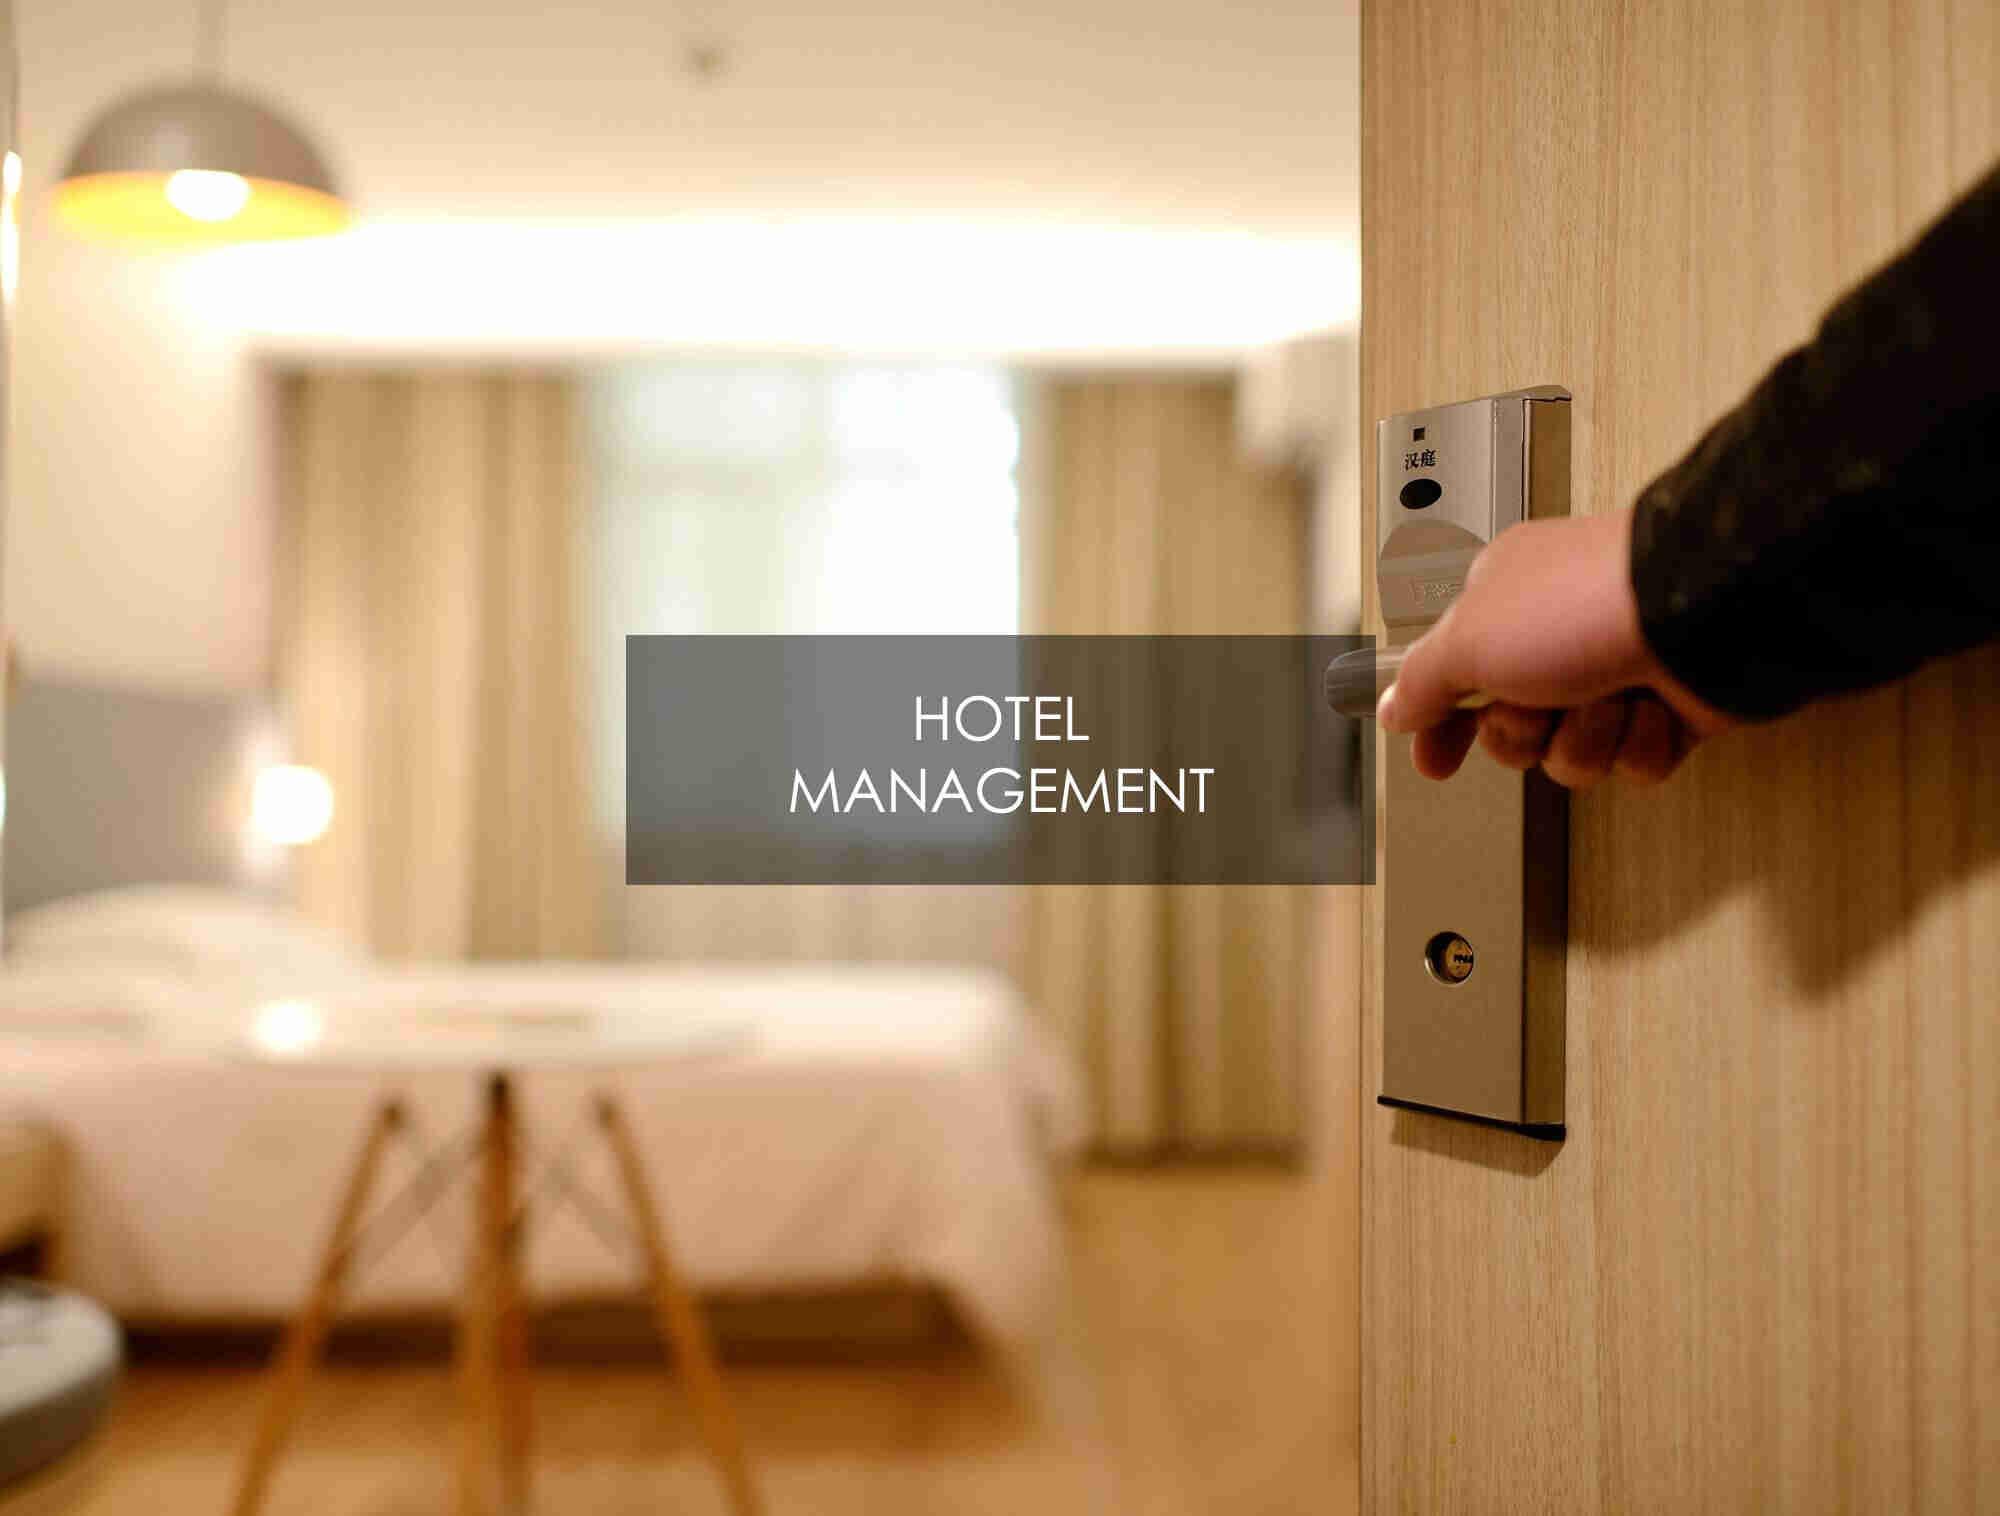 HOTEL MANAGEMENT ENTRANCE